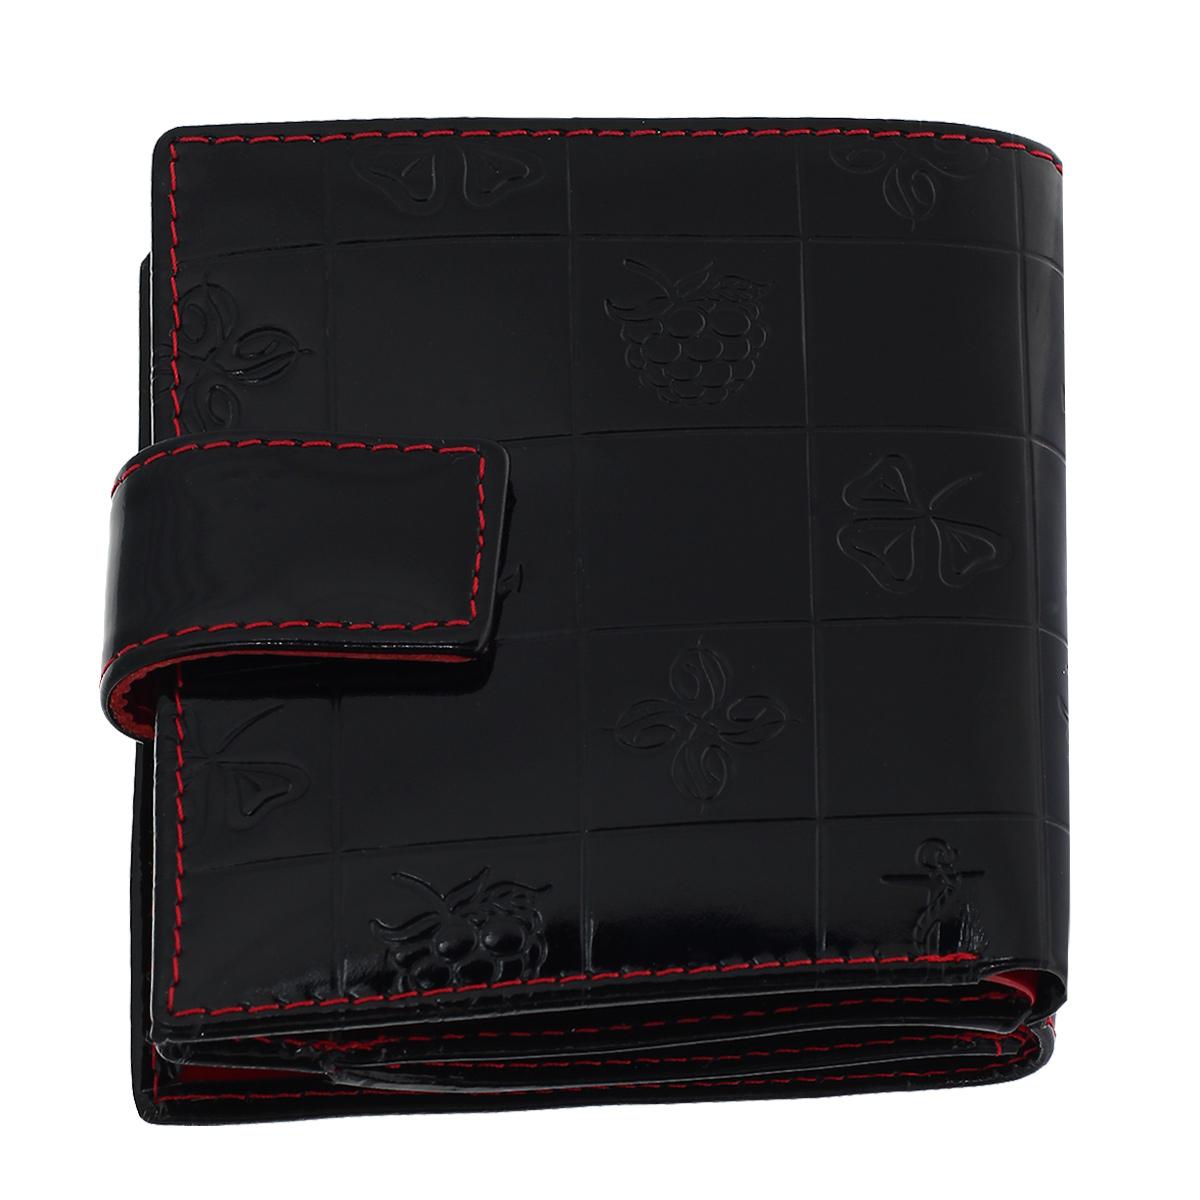 Кошелек женский Dimanche Bonbon, цвет: черный. 247247Кошелек Dimanche Bonbon изготовлен из натуральной лакированной кожи черного цвета с декоративным тиснением. Кошелек состоит из двух отделений. Первое отделение закрывается при помощи хлястика на магнитную кнопку; внутри содержится 2 отделения для купюр. Второе отделение, закрывающееся на магнитную кнопку, имеет 4 кармашка для пластиковых карт и объемный карман для мелочи, закрывающийся клапаном на кнопку. Внутри кошелек отделан атласным полиэстером красного цвета с рисунком. Фурнитура - золотистого цвета. Стильный кошелек отлично дополнит ваш образ и станет незаменимым аксессуаром на каждый день. Упакован в фирменную картонную коробку коричневого цвета.